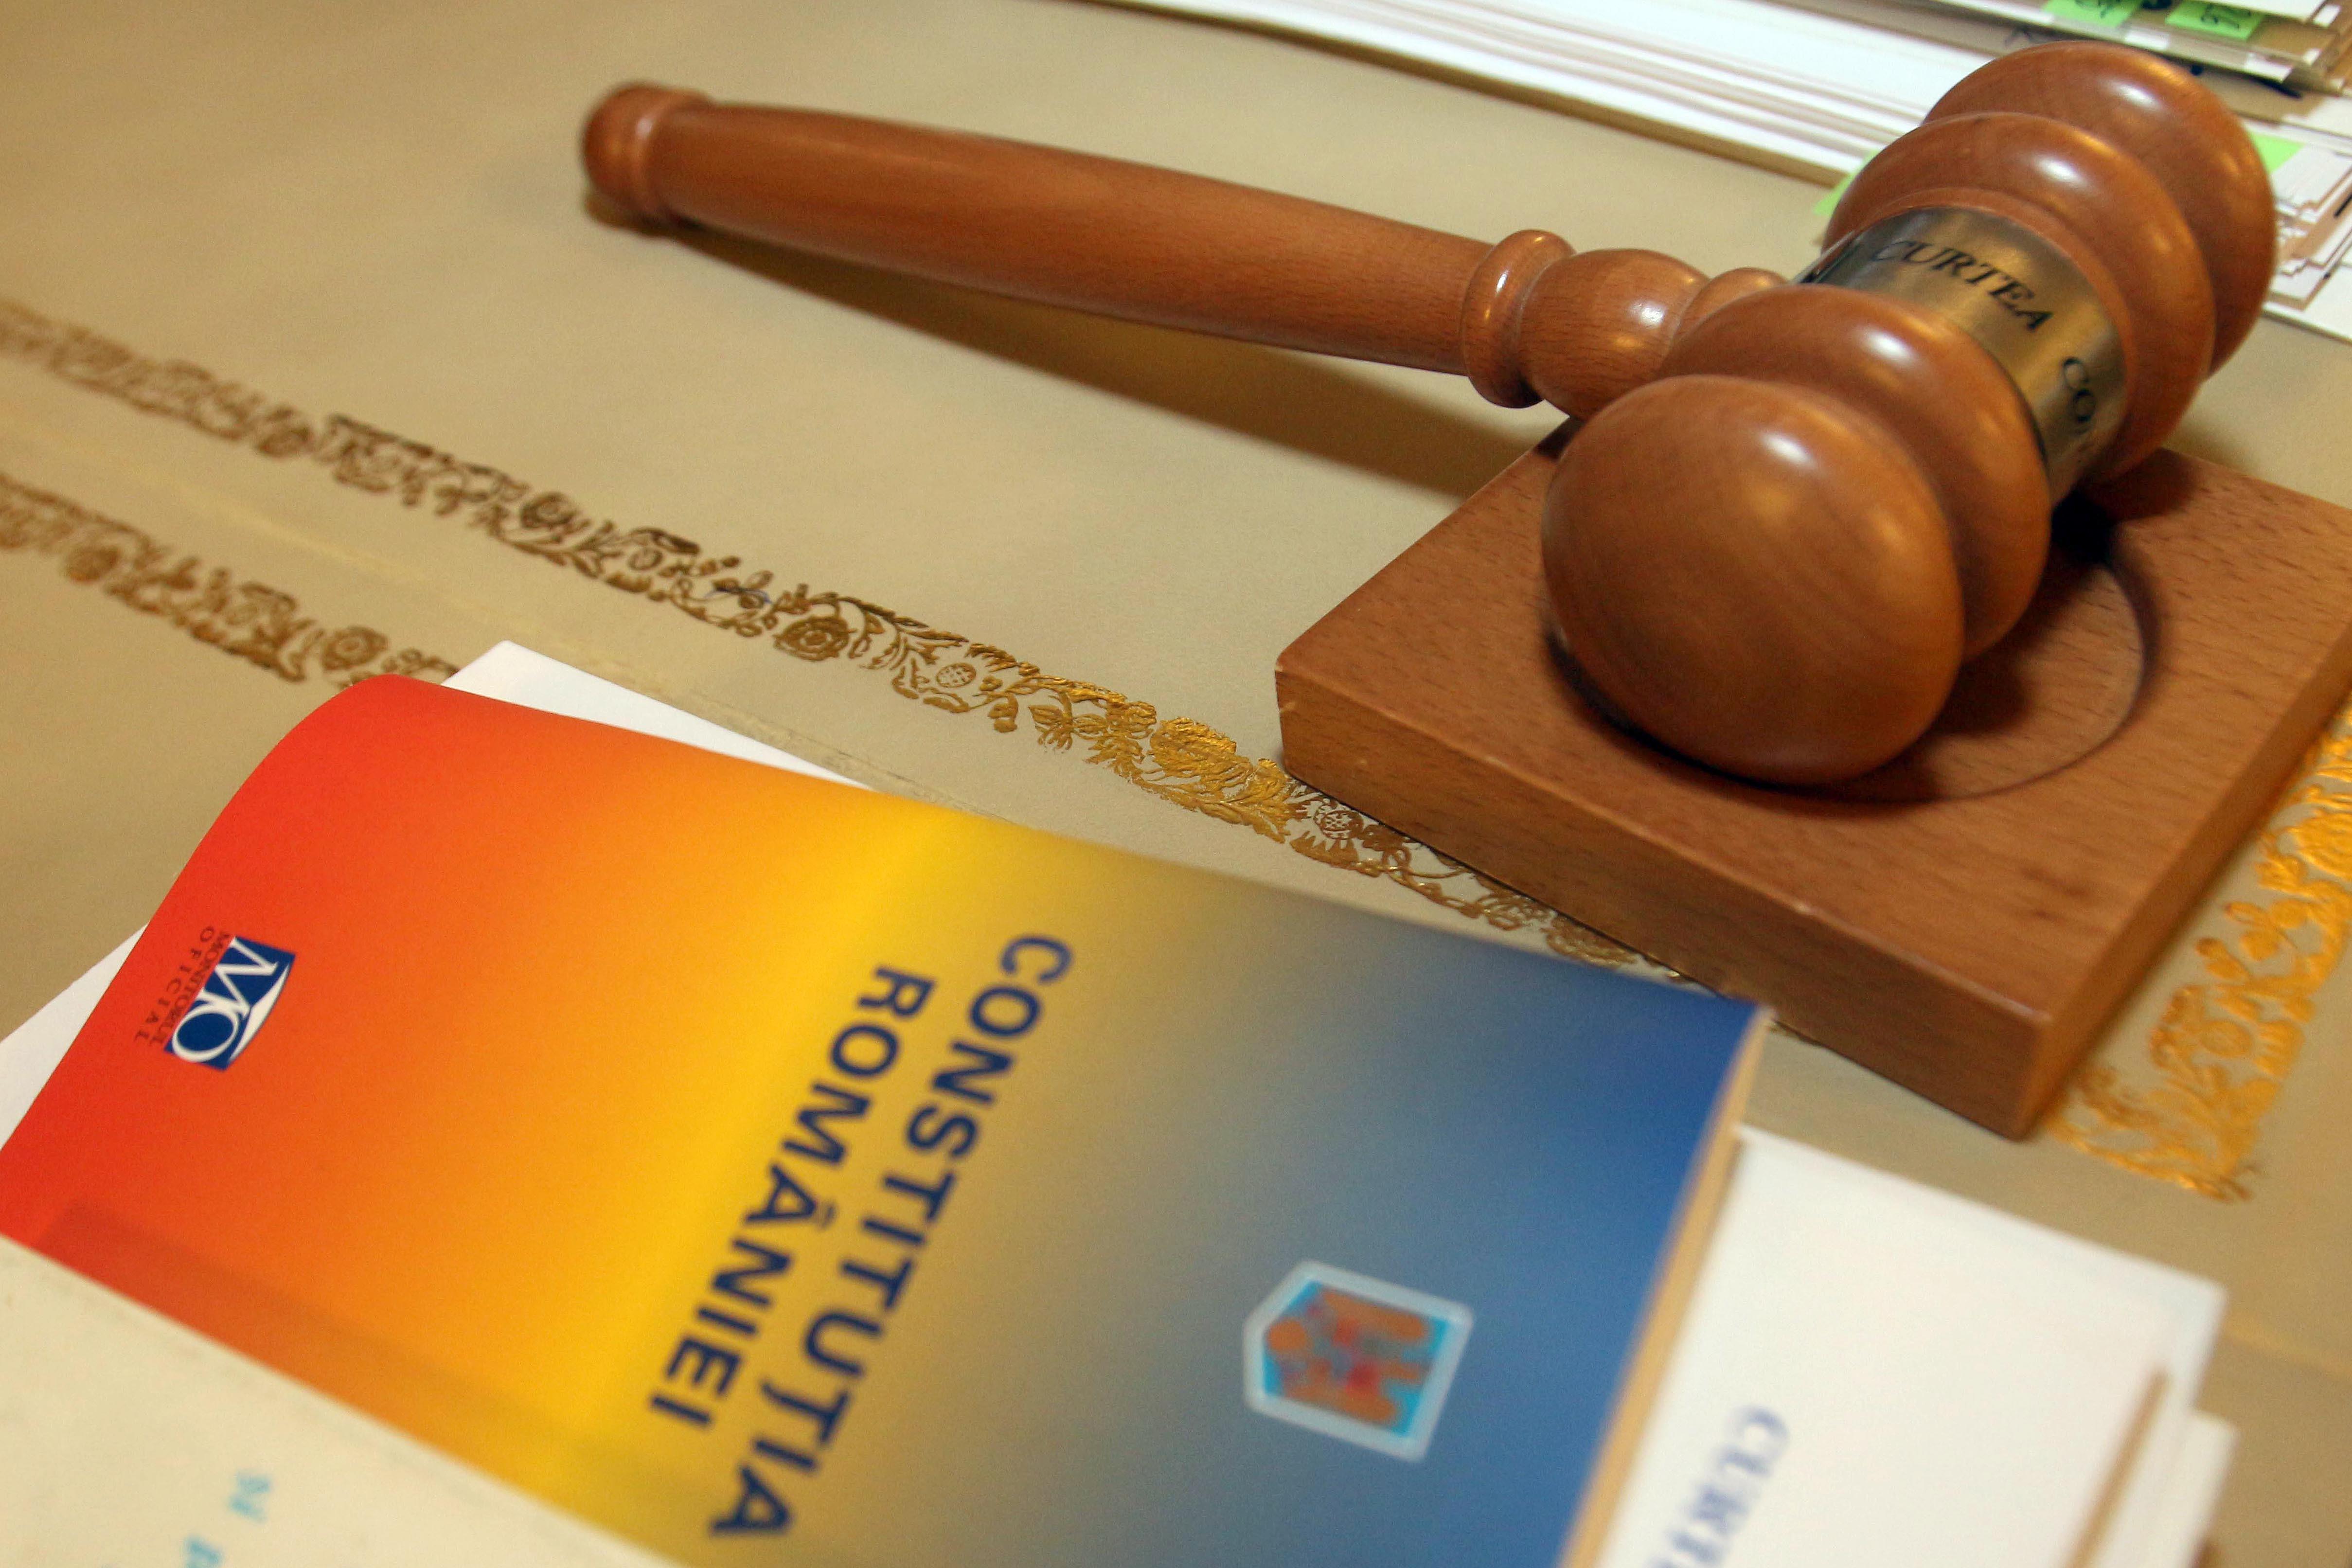 Inspecţia Judiciară face noi precizări, după ce ministrul Justiţiei a anunţat că instituţia va trece din subordinea CSM în cea a ministrului: Salutăm orice iniţiativă de consolidare a independenţei